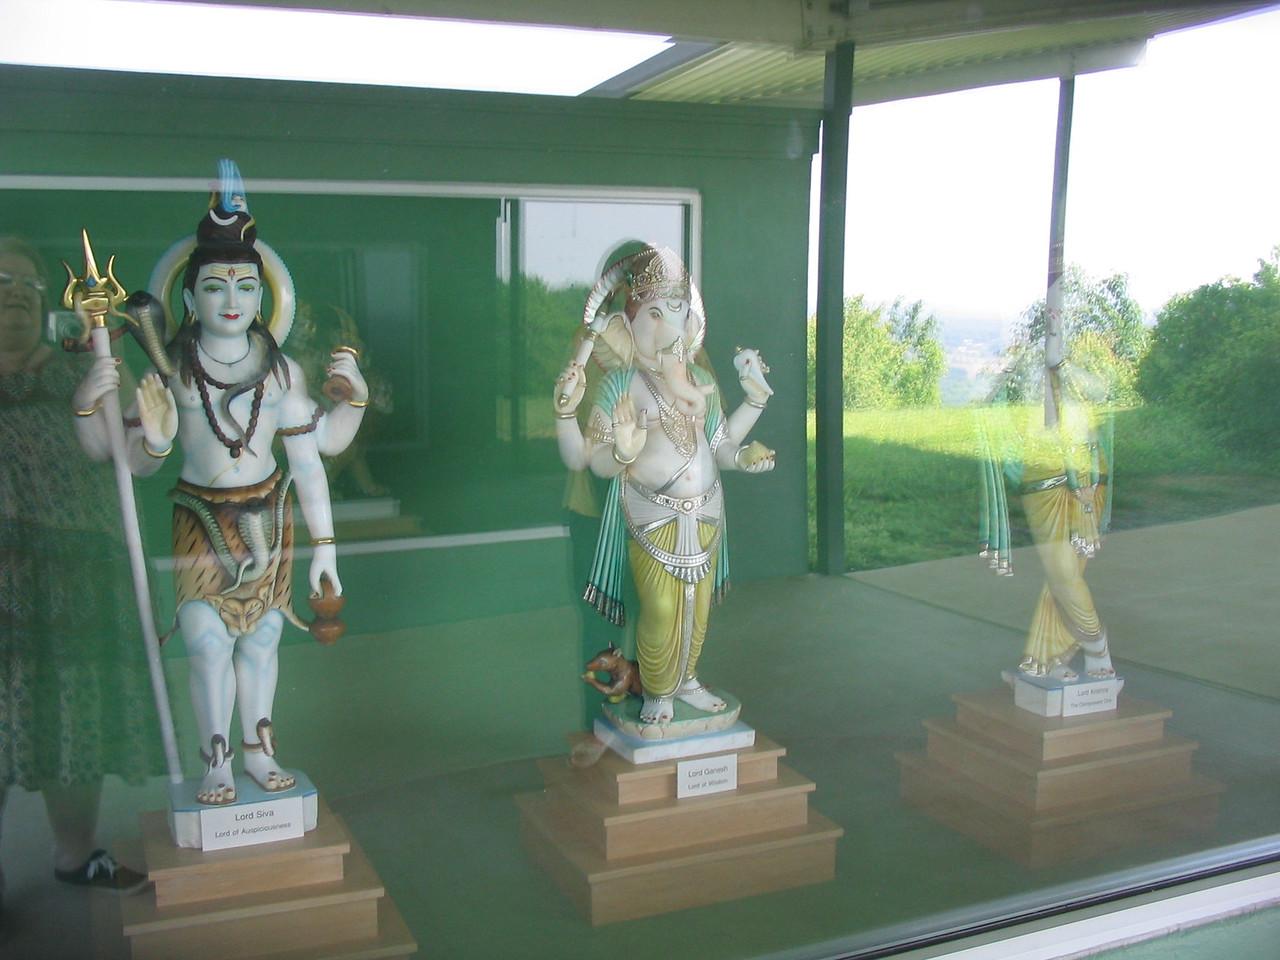 """Lt to Rt: Lord Siva (as Shankara), Lord Sri Ganesha, Sri Lord Krishna.   <a href=""""http://www.Yogaville.org"""">http://www.Yogaville.org</a>"""